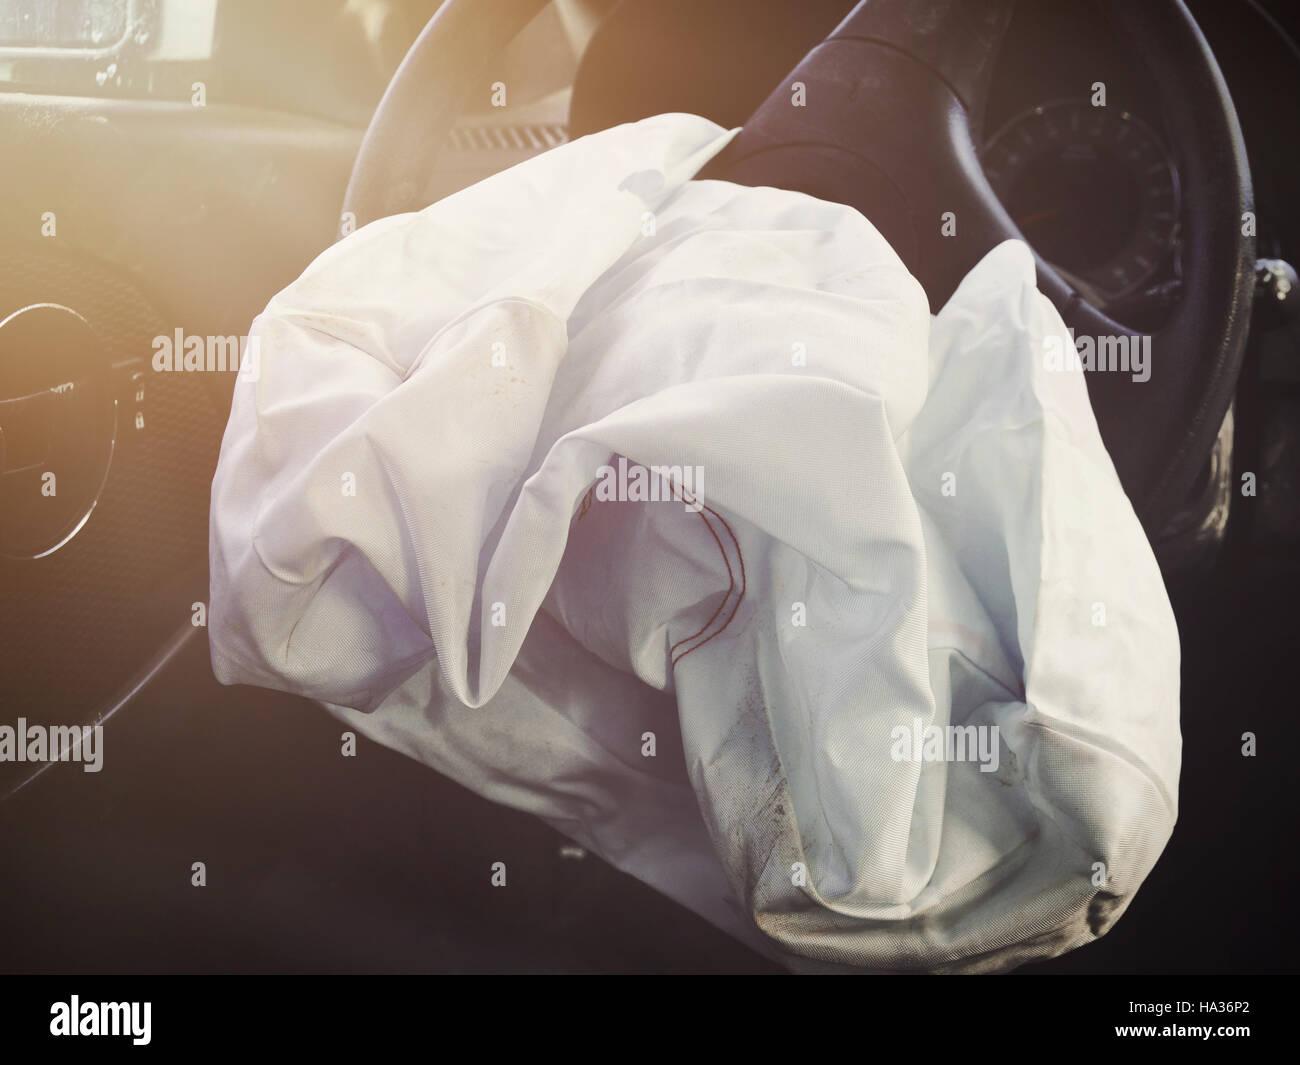 Une voiture avant airbag est ajusté pour un volant d'un accident. L'utiliser pour un concept de sécurité ou d'assurance. Banque D'Images